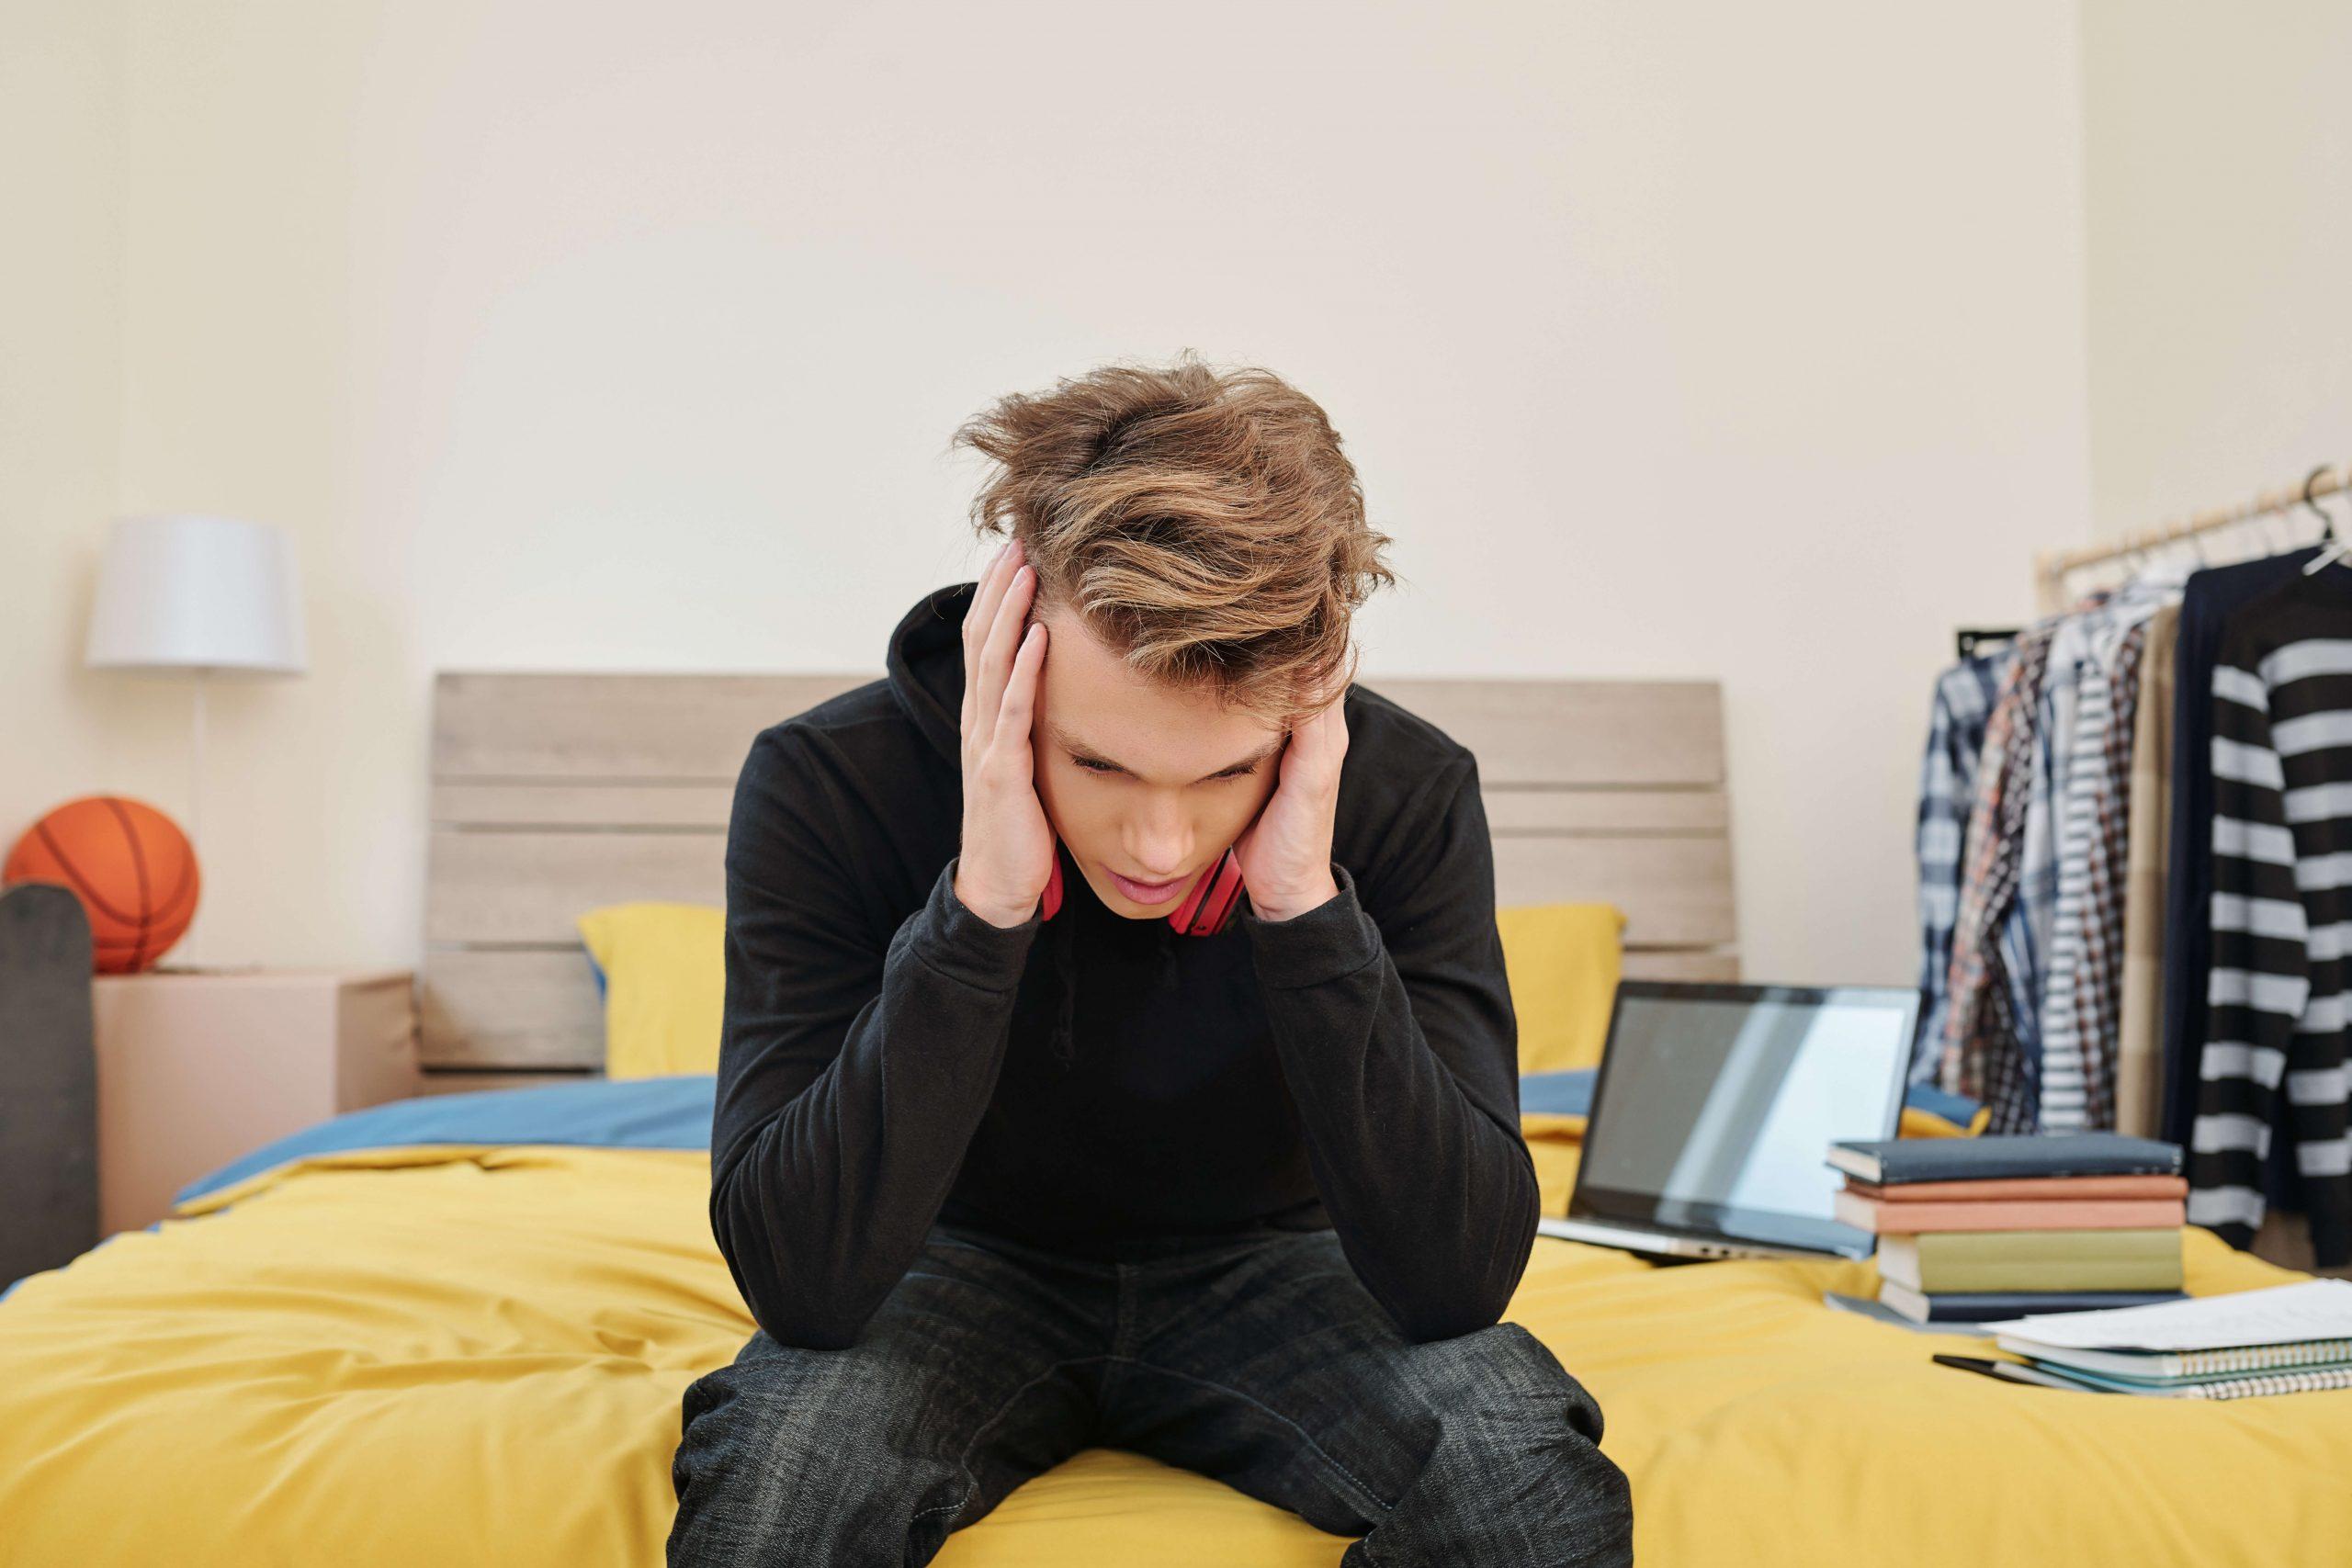 estudiante estresado